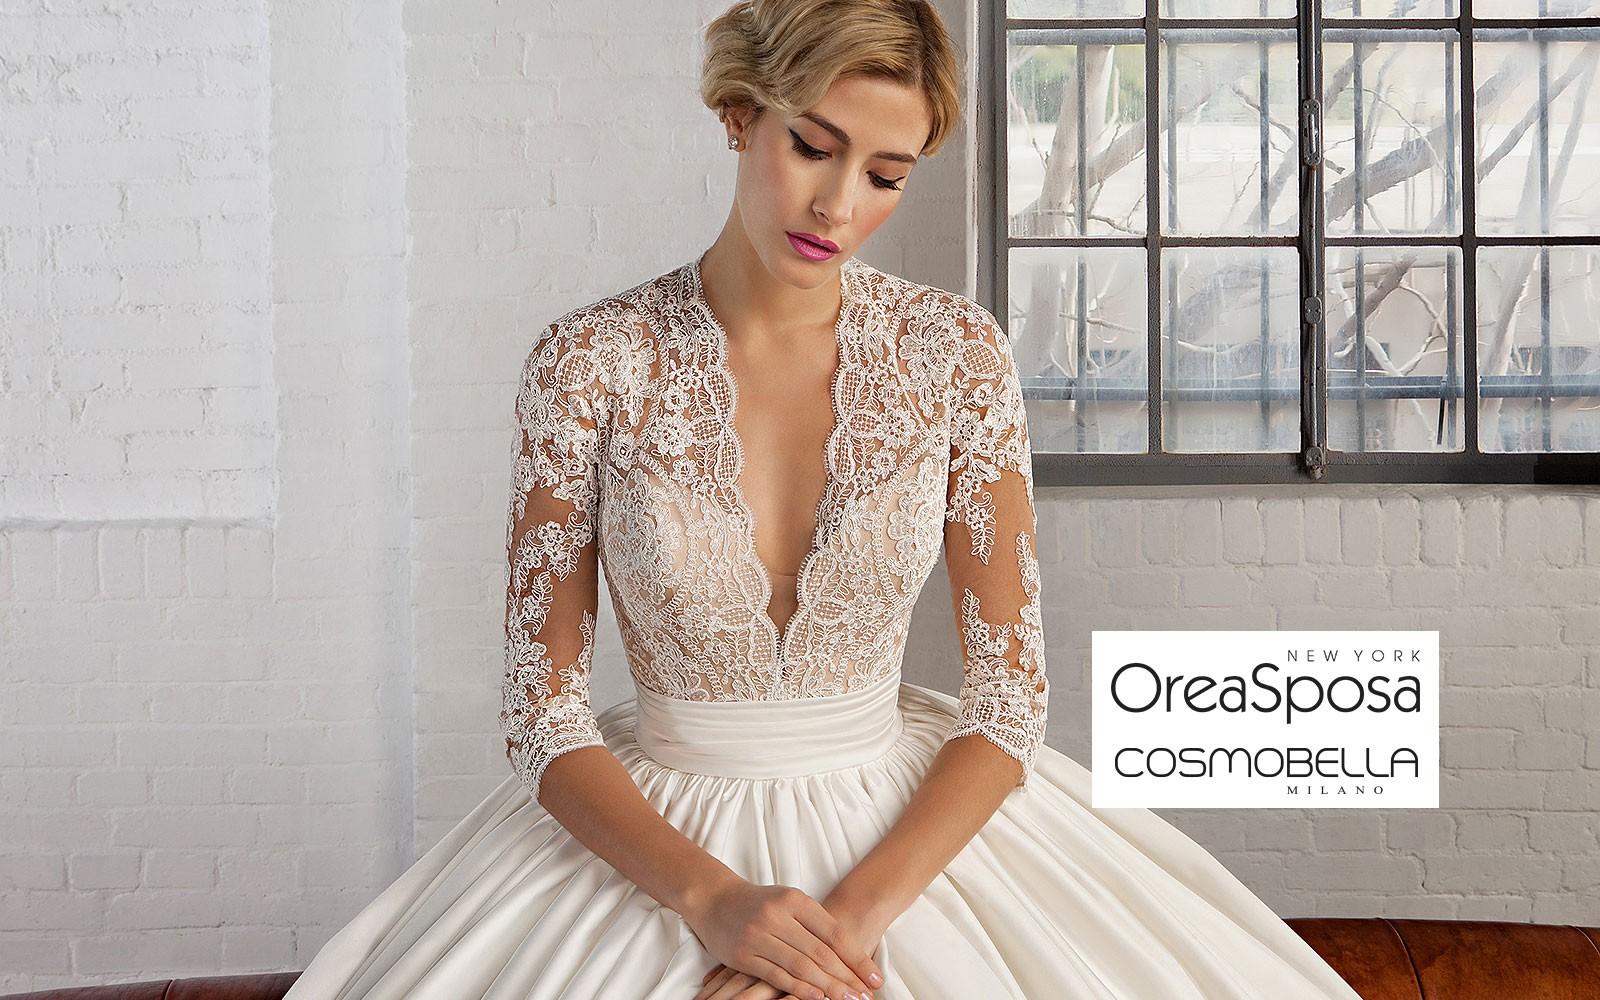 cosmobella - oreasposa - Abendkleider - Brautkleider Kollektionen ...